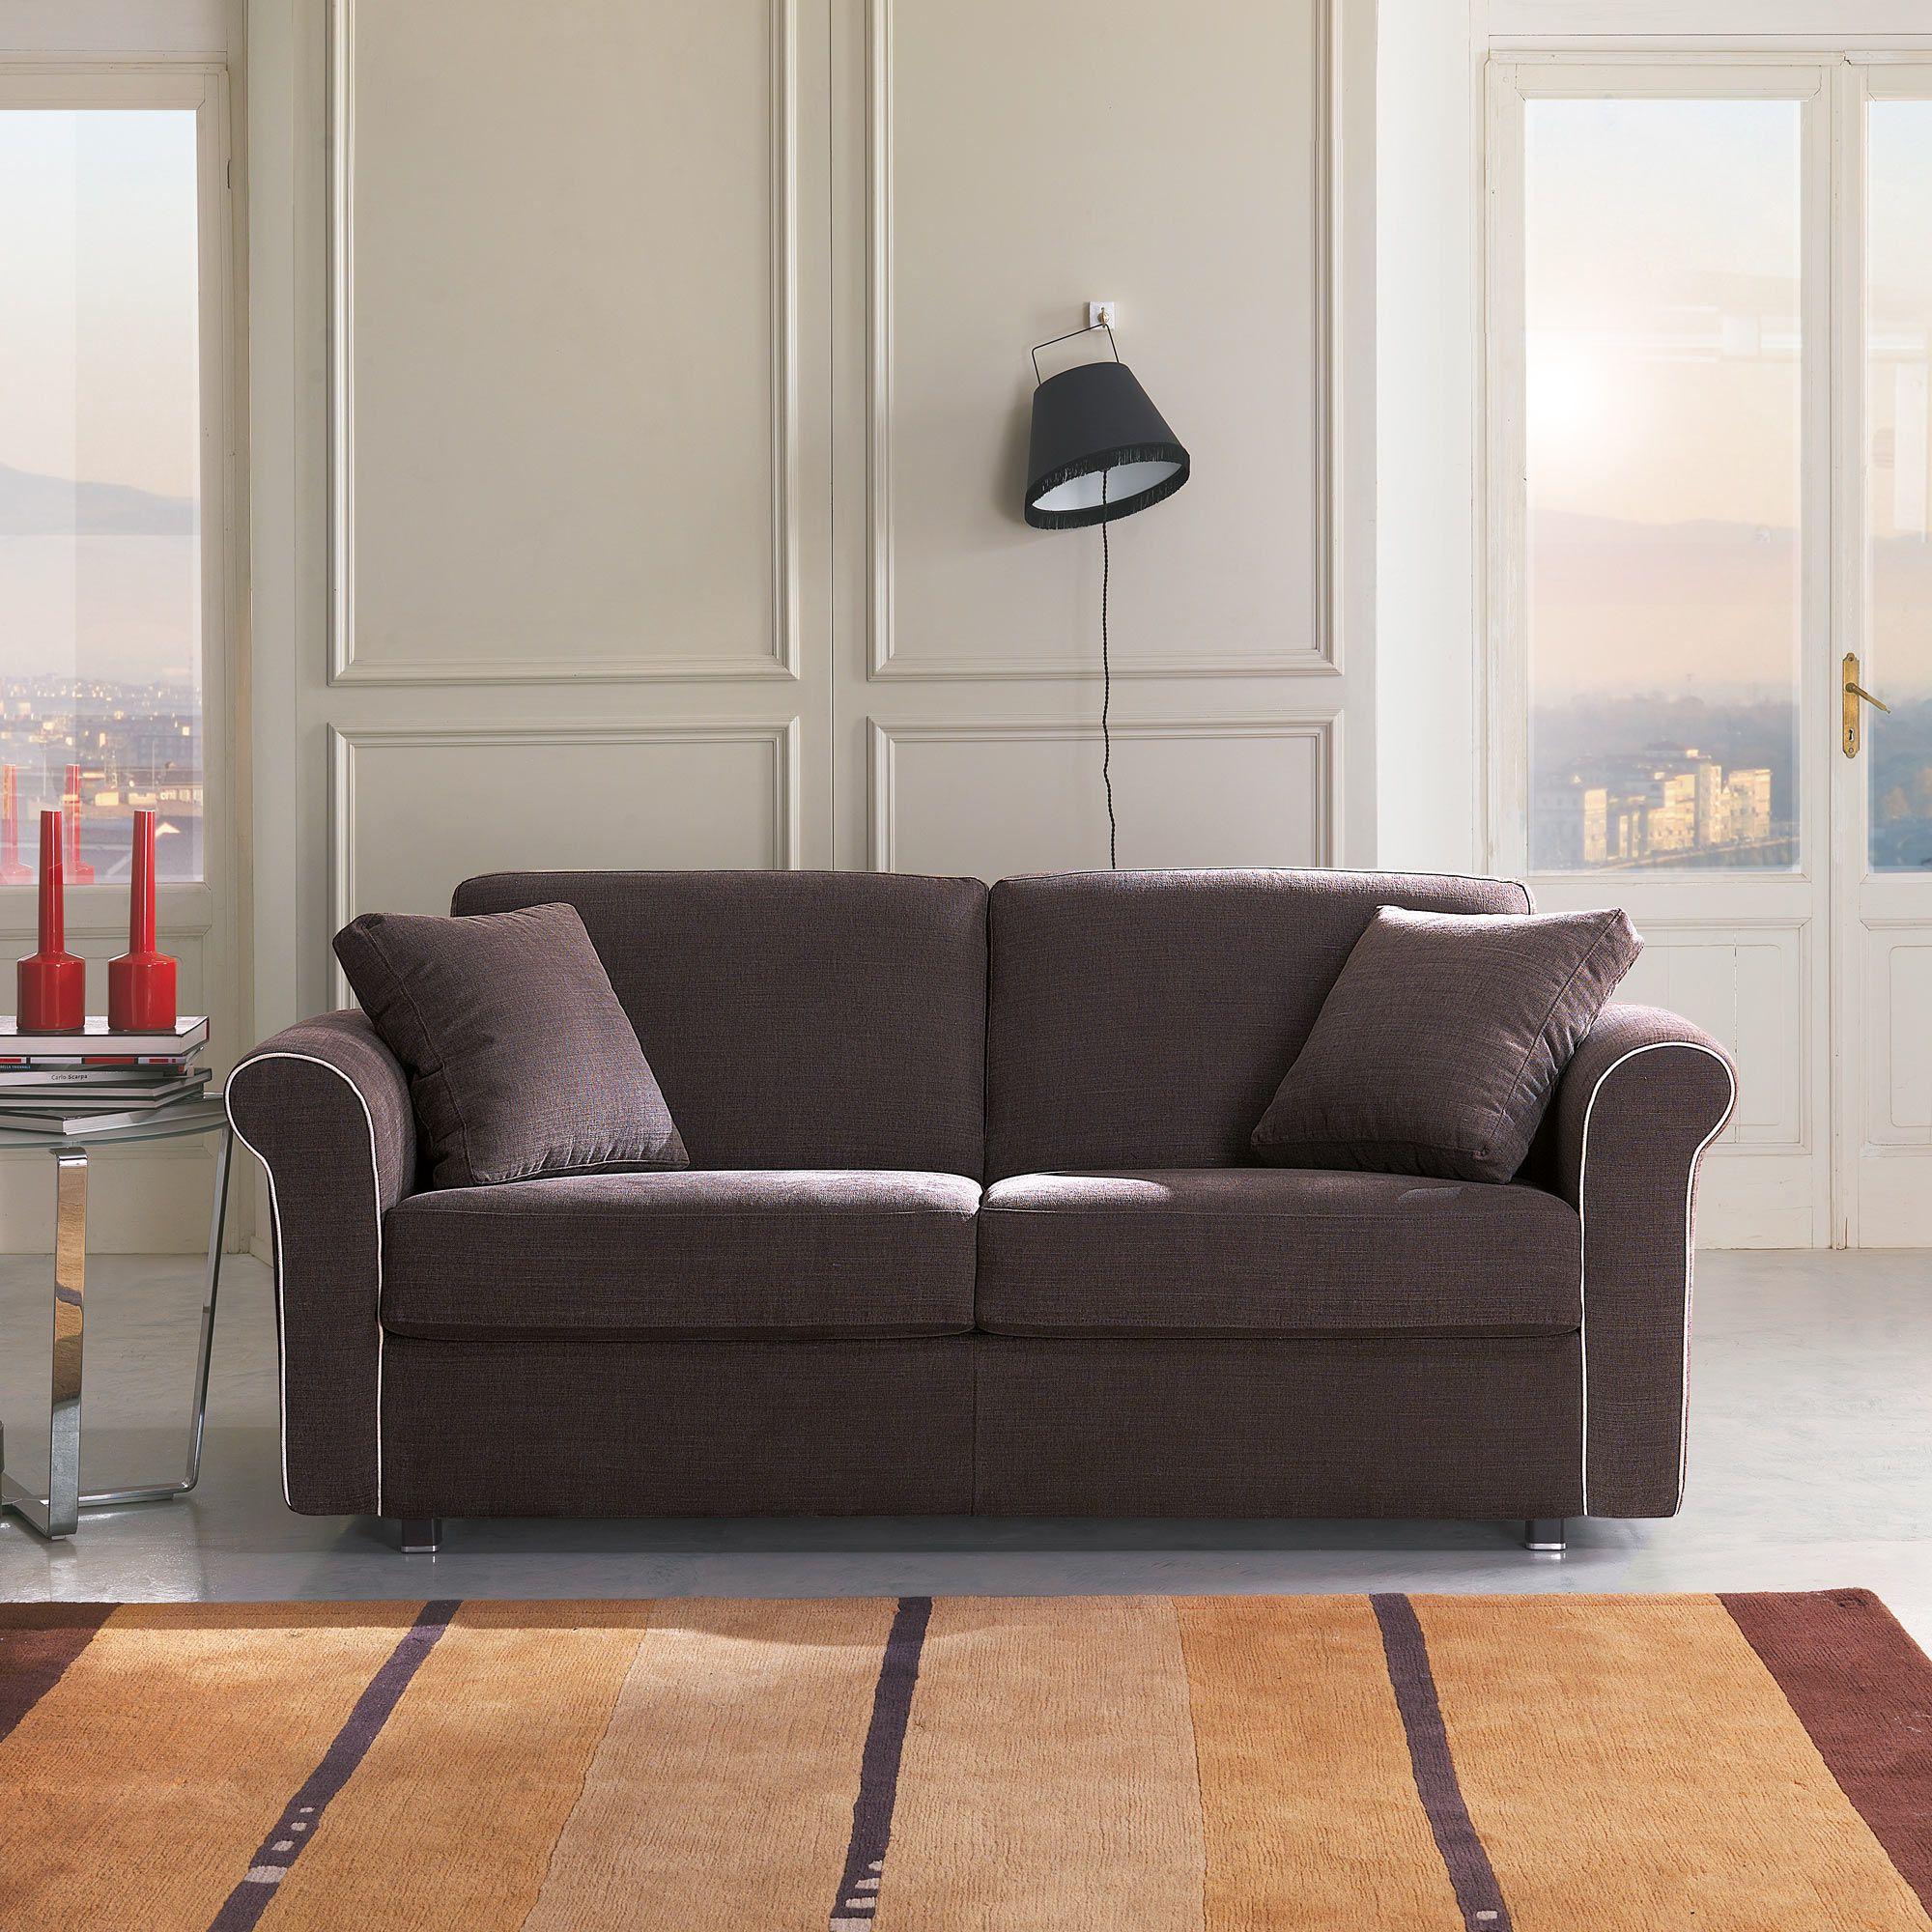 Canap pour chambre beautiful canap lit pour chambre d ado for Petit canape chambre ado